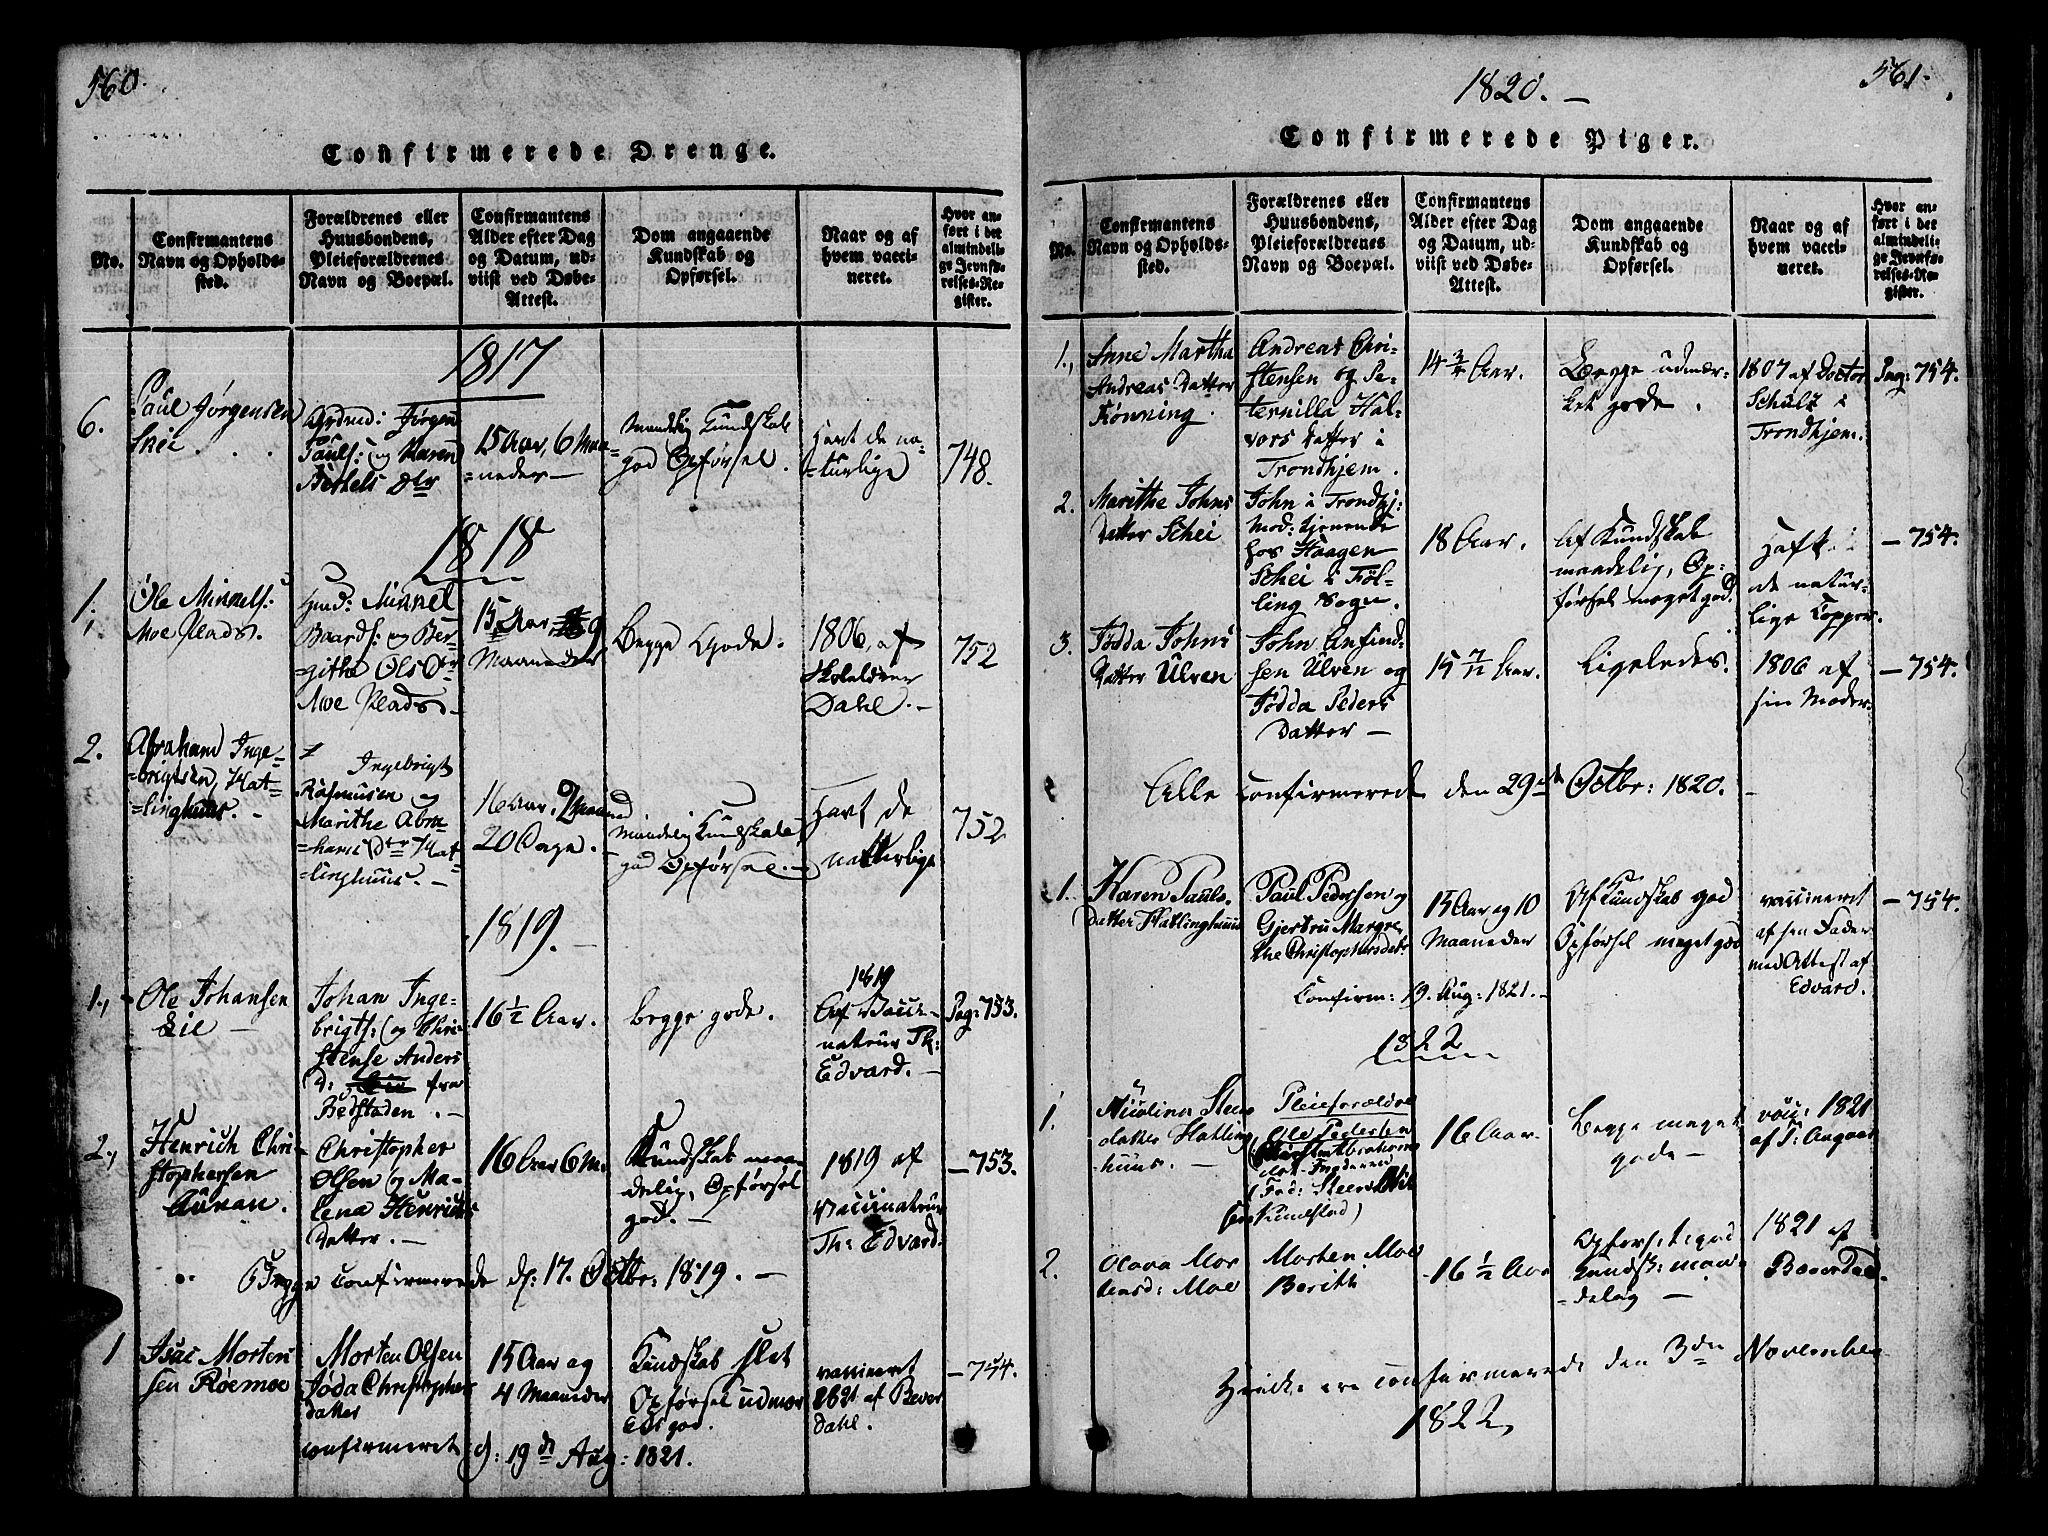 SAT, Ministerialprotokoller, klokkerbøker og fødselsregistre - Nord-Trøndelag, 746/L0441: Ministerialbok nr. 746A03 /4, 1816-1827, s. 560-561